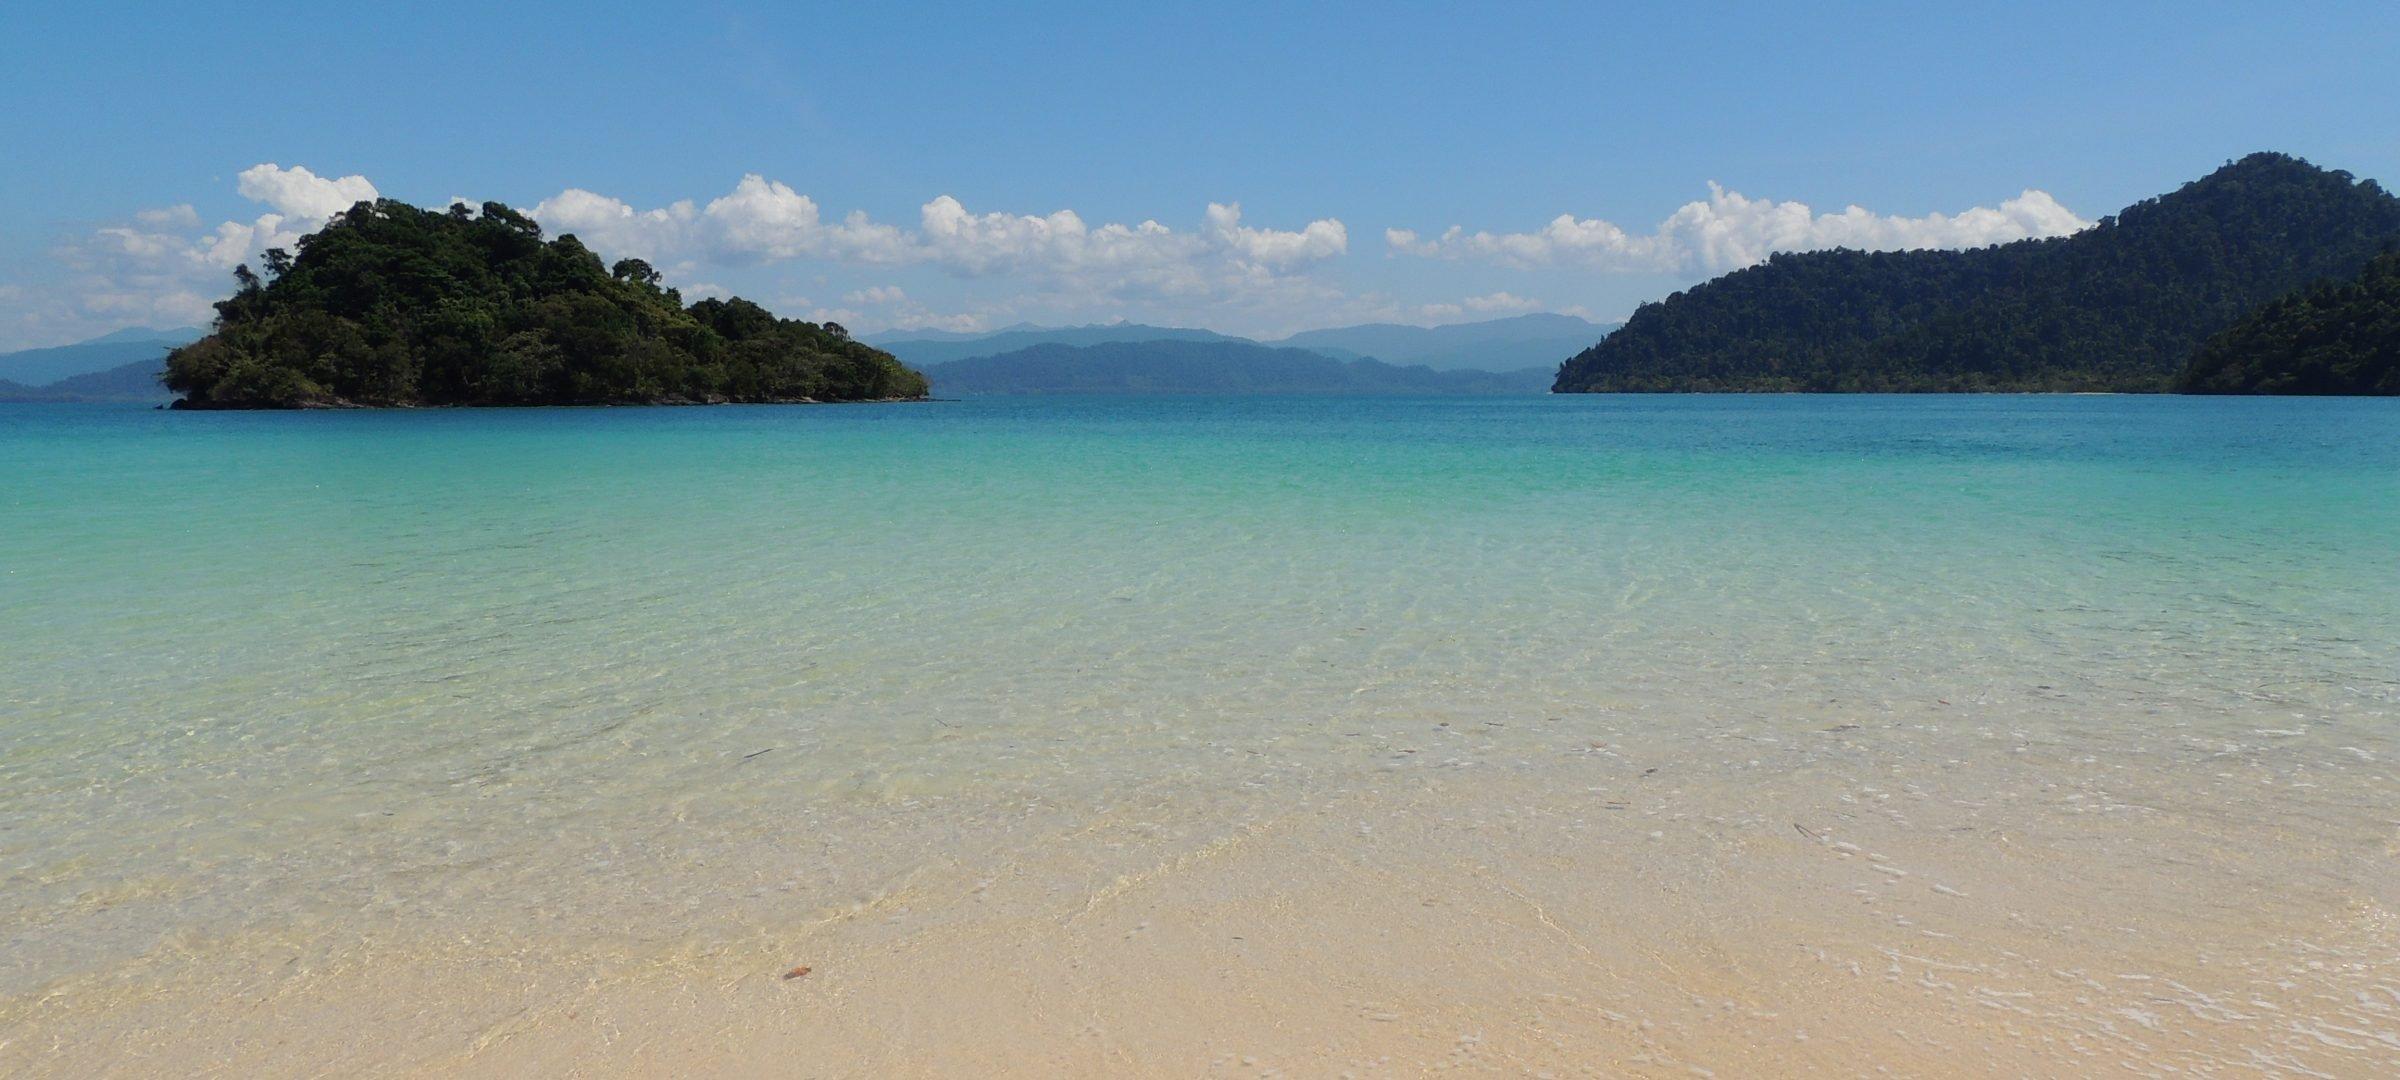 Phang Nga coast